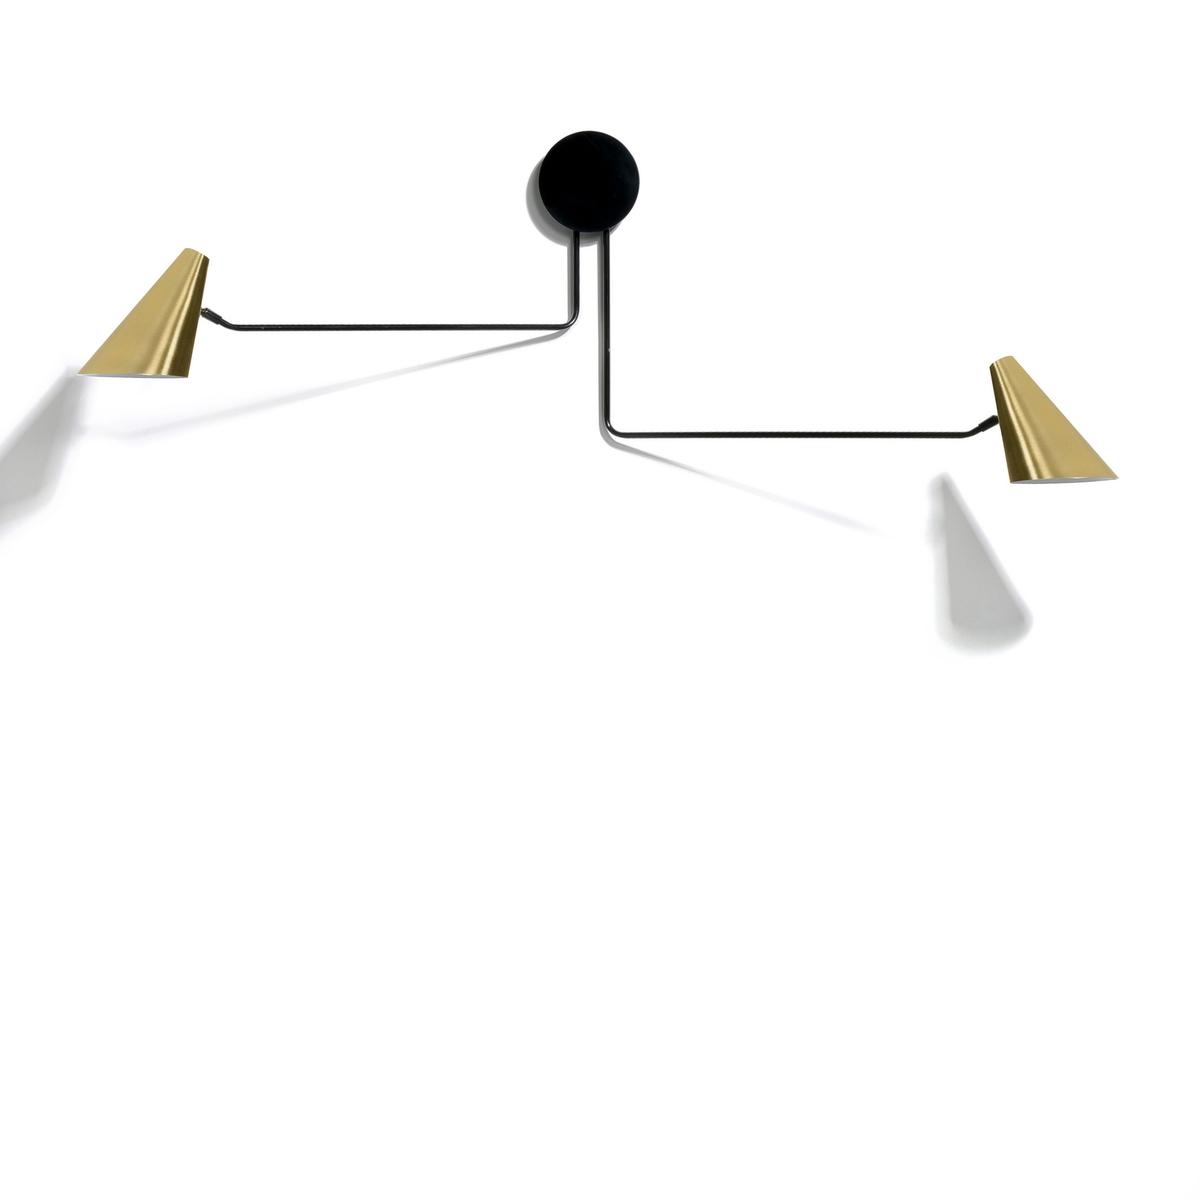 Светильник двойной, Bar?aСветильник двойной с регулируемой лапкой .Характеристики :- Каркас из сали.- Абажур из латуни.- Патрон E27.-  Лампочка макс 40 Вт, не входит в комплект . - Этот светильник совместим с лампочками    энергетического класса   ABCDE .Размеры :- Дл.152,5 x Выс.39,7 x Гл.14,1 см .<br><br>Цвет: латунь